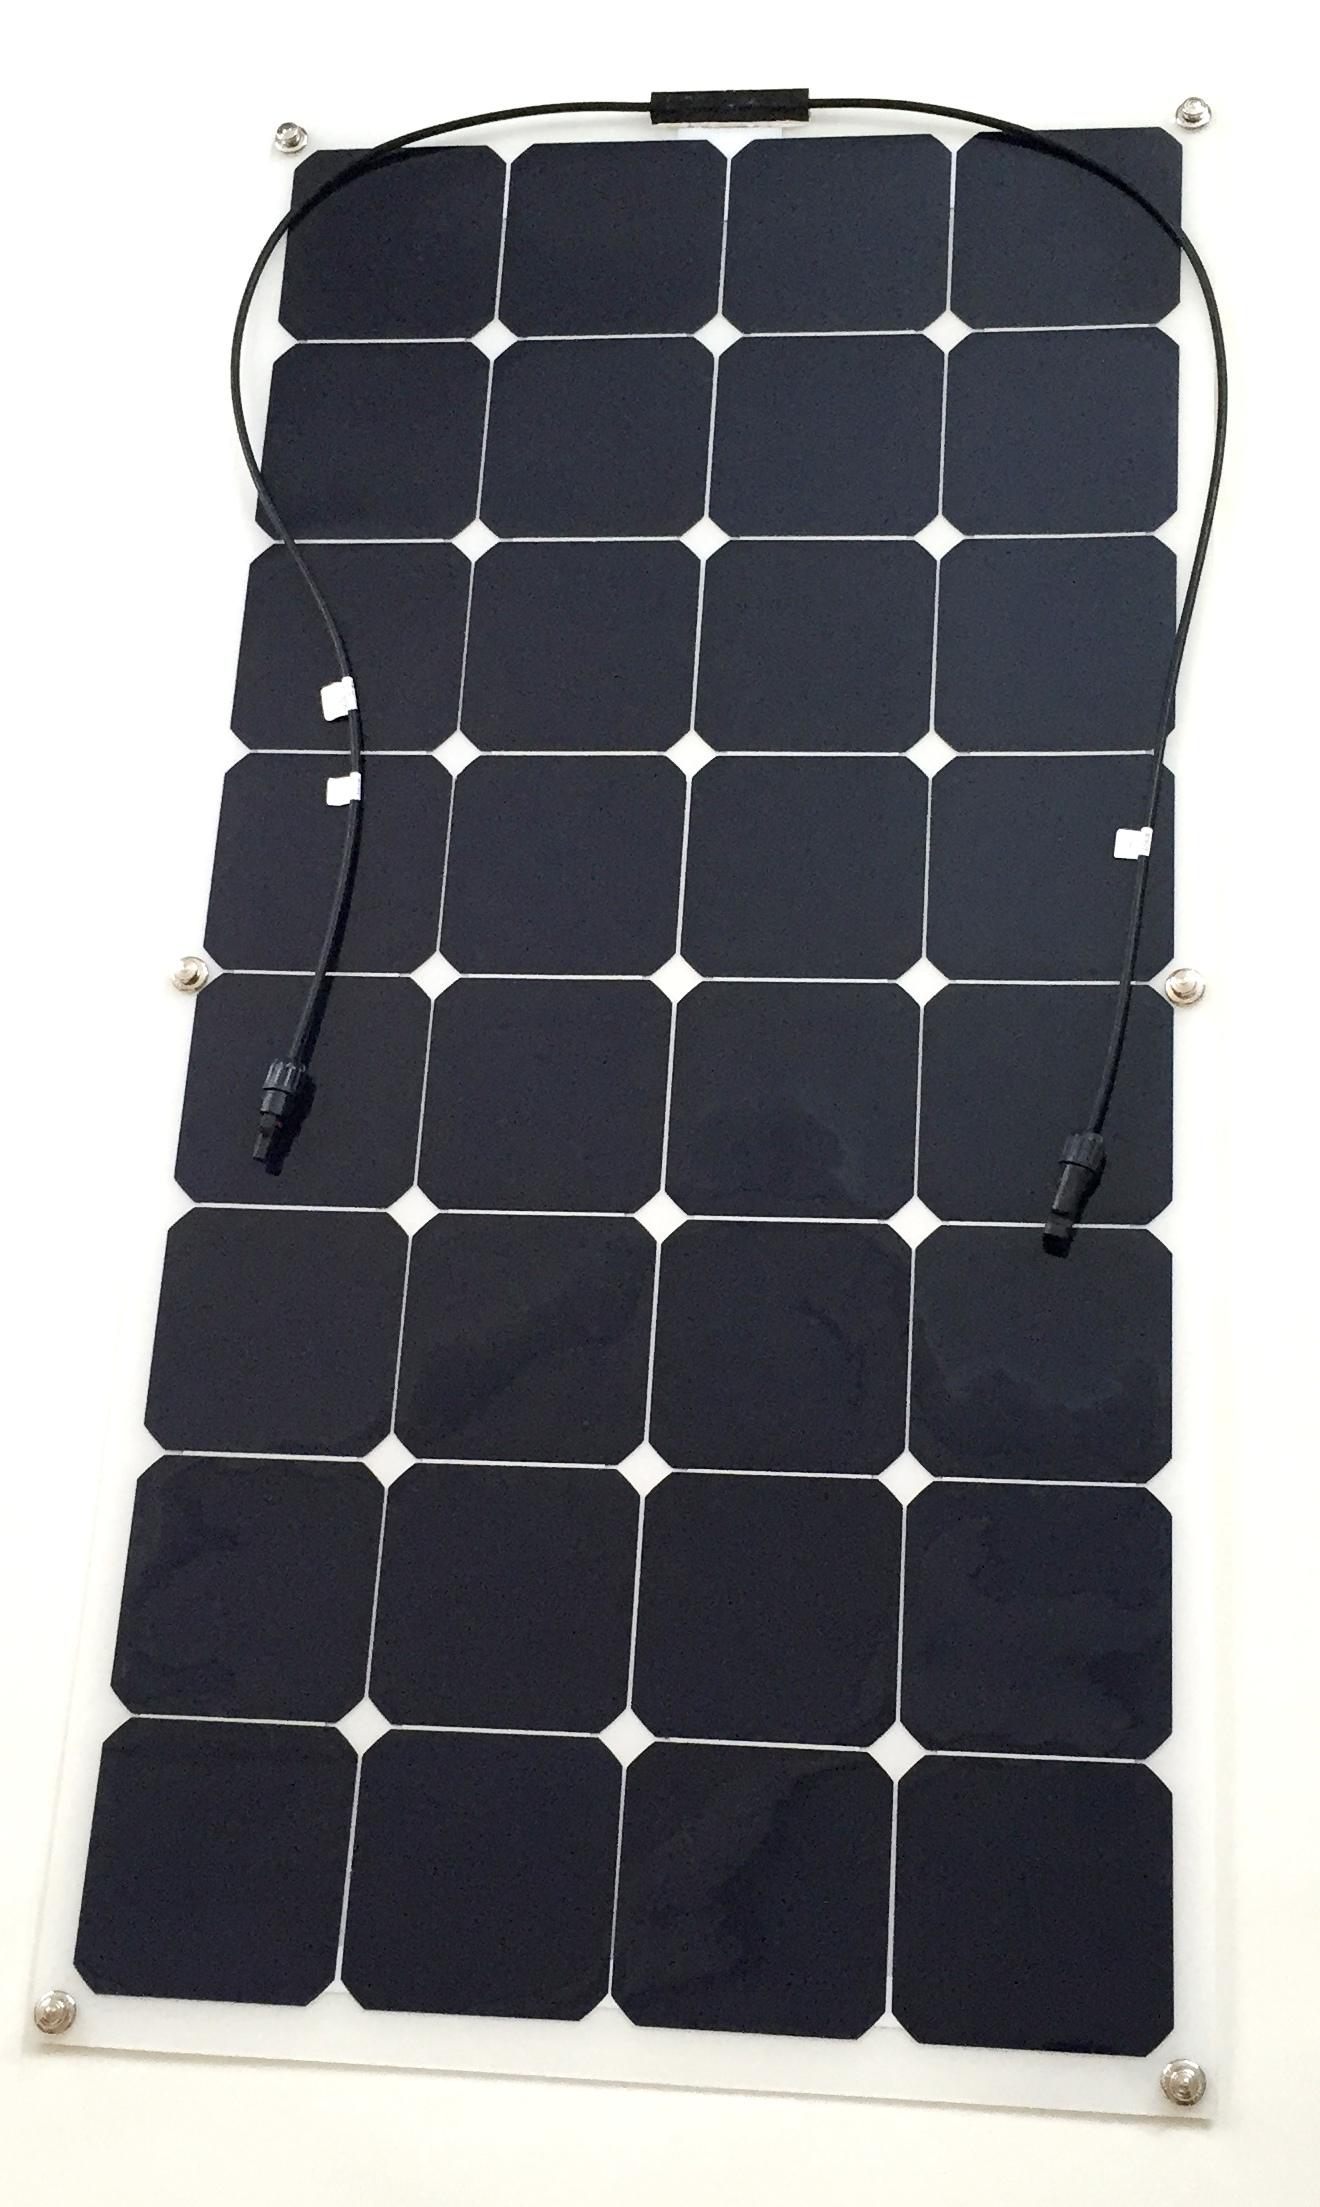 SolarFlexx 100 watt flexiable solar Panel canvas mount solution